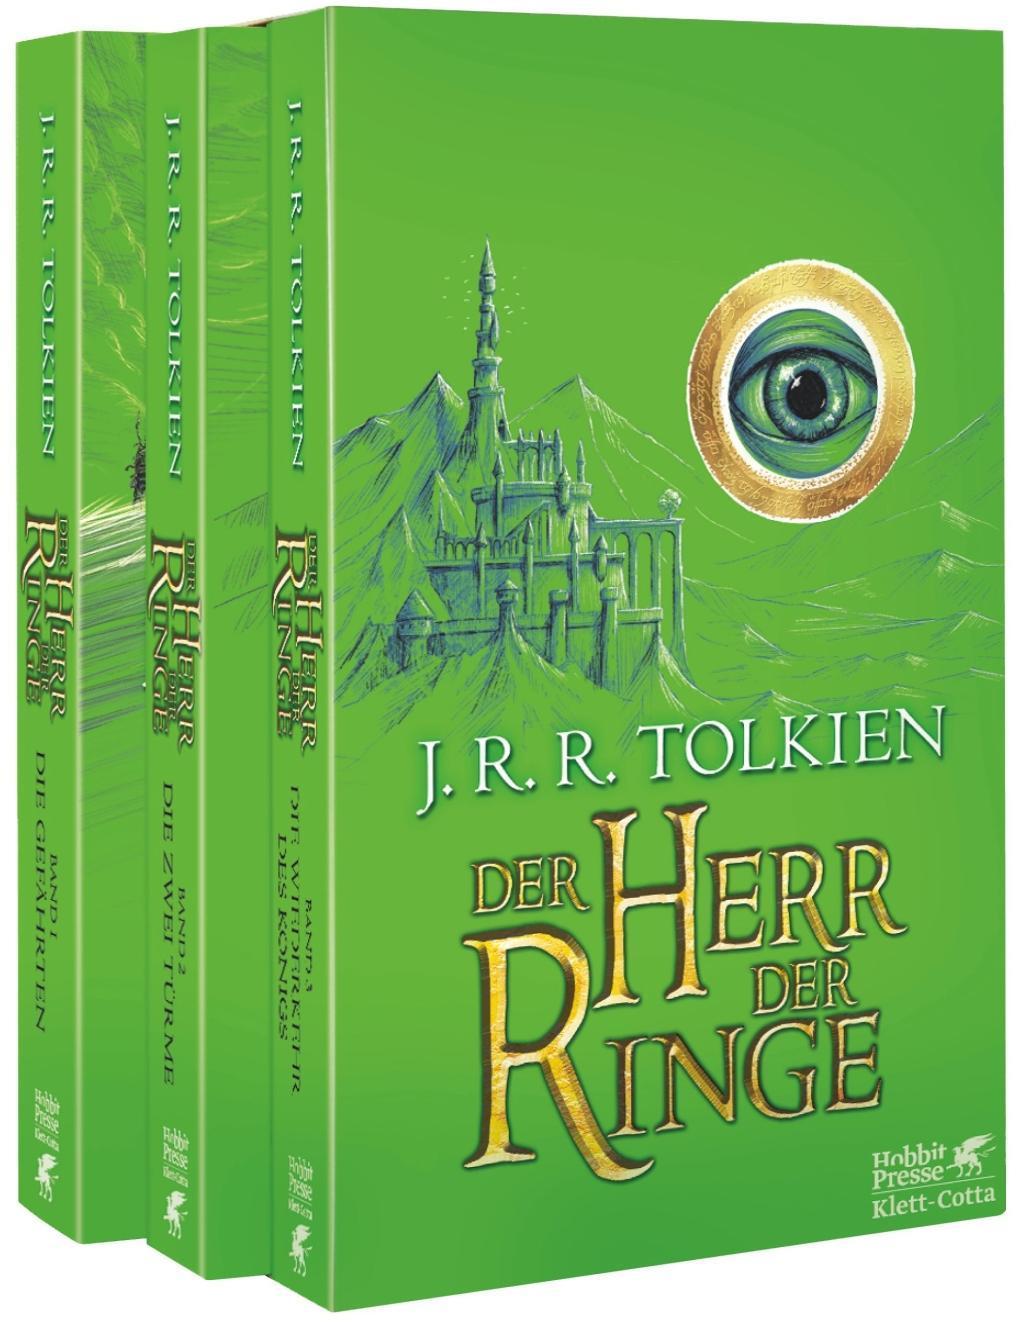 Cover: 9783608939842 | Der Herr der Ringe - Neuausgabe 2012 | John R Tolkien | Taschenbuch